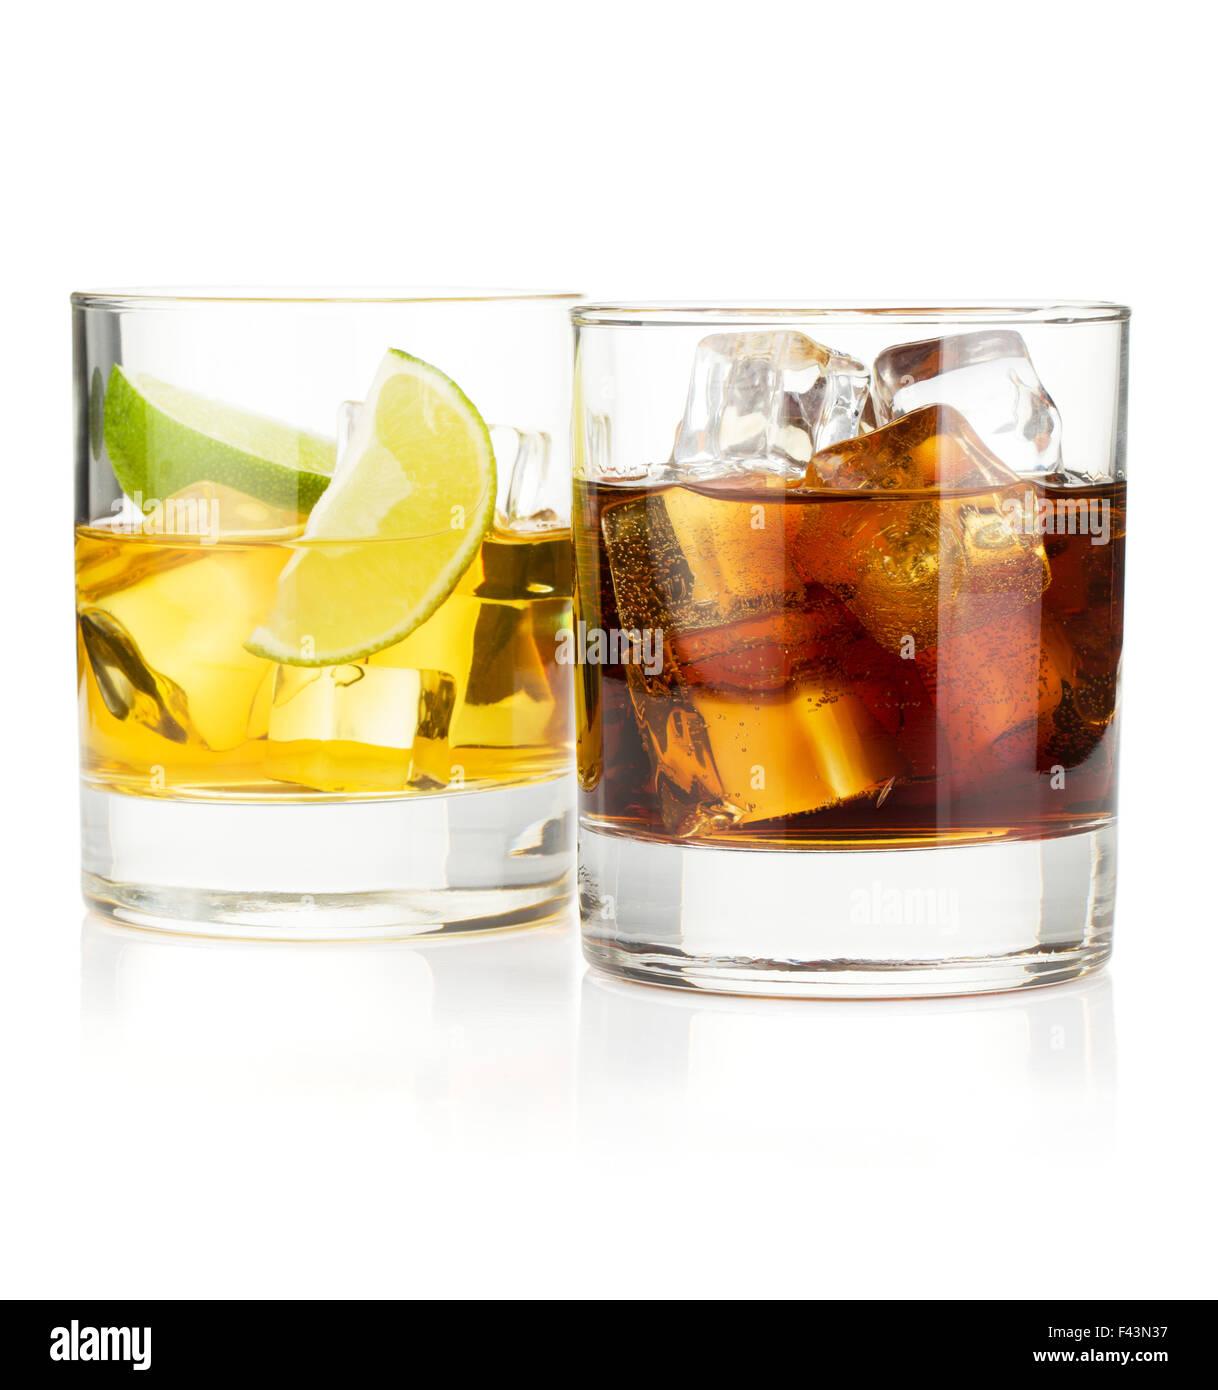 Whisky und Cola Cocktails. Isoliert auf weißem Hintergrund Stockbild